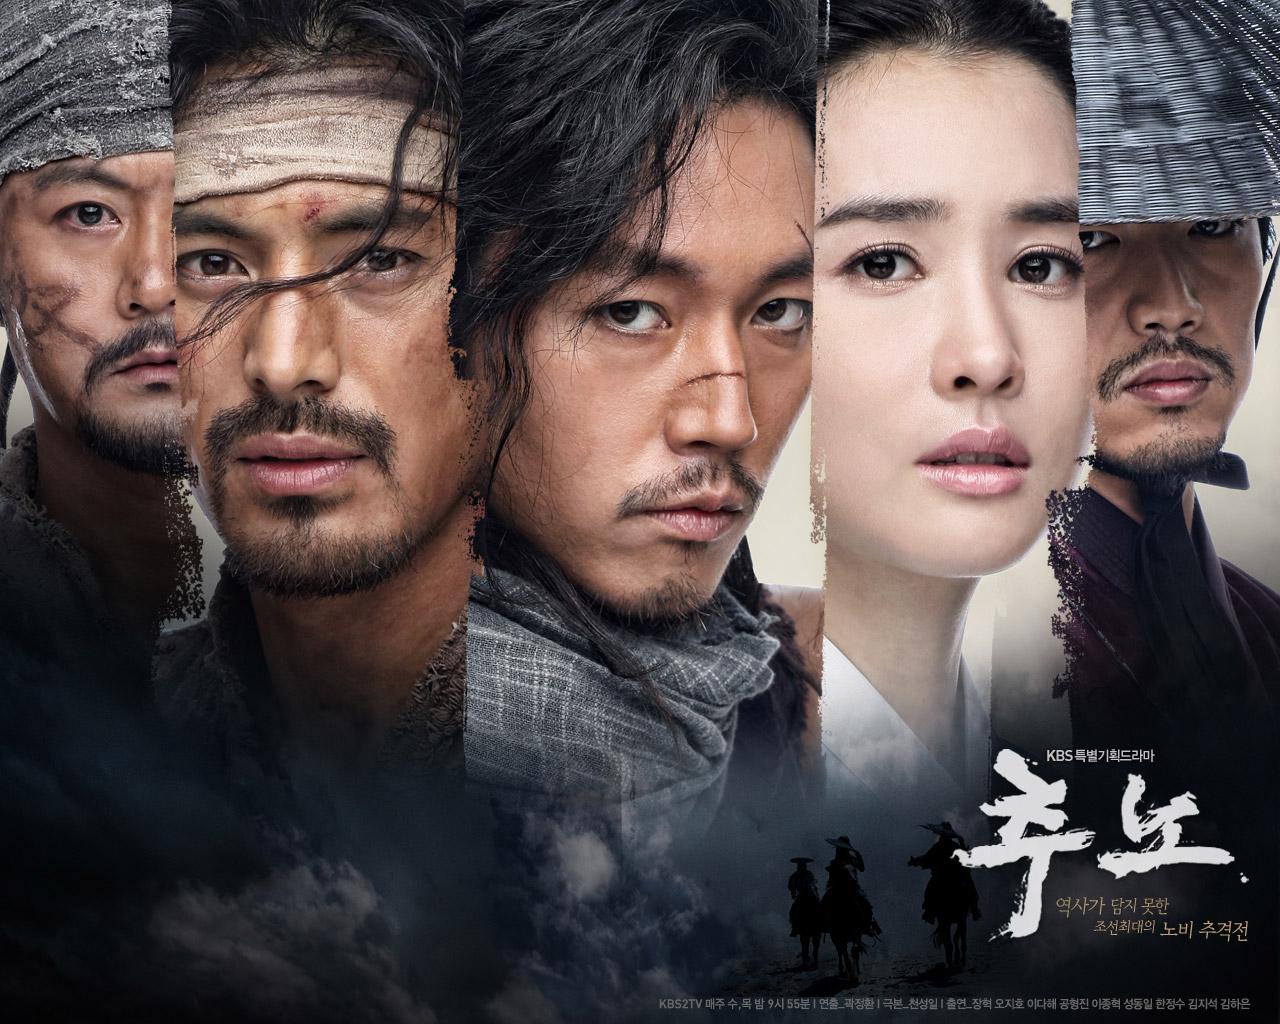 ซีรี่ย์เกาหลี Slave Hunters แทกิลยอดพยัคฆ์นักล่า (พากย์ไทย) EP.1-24 (จบ)